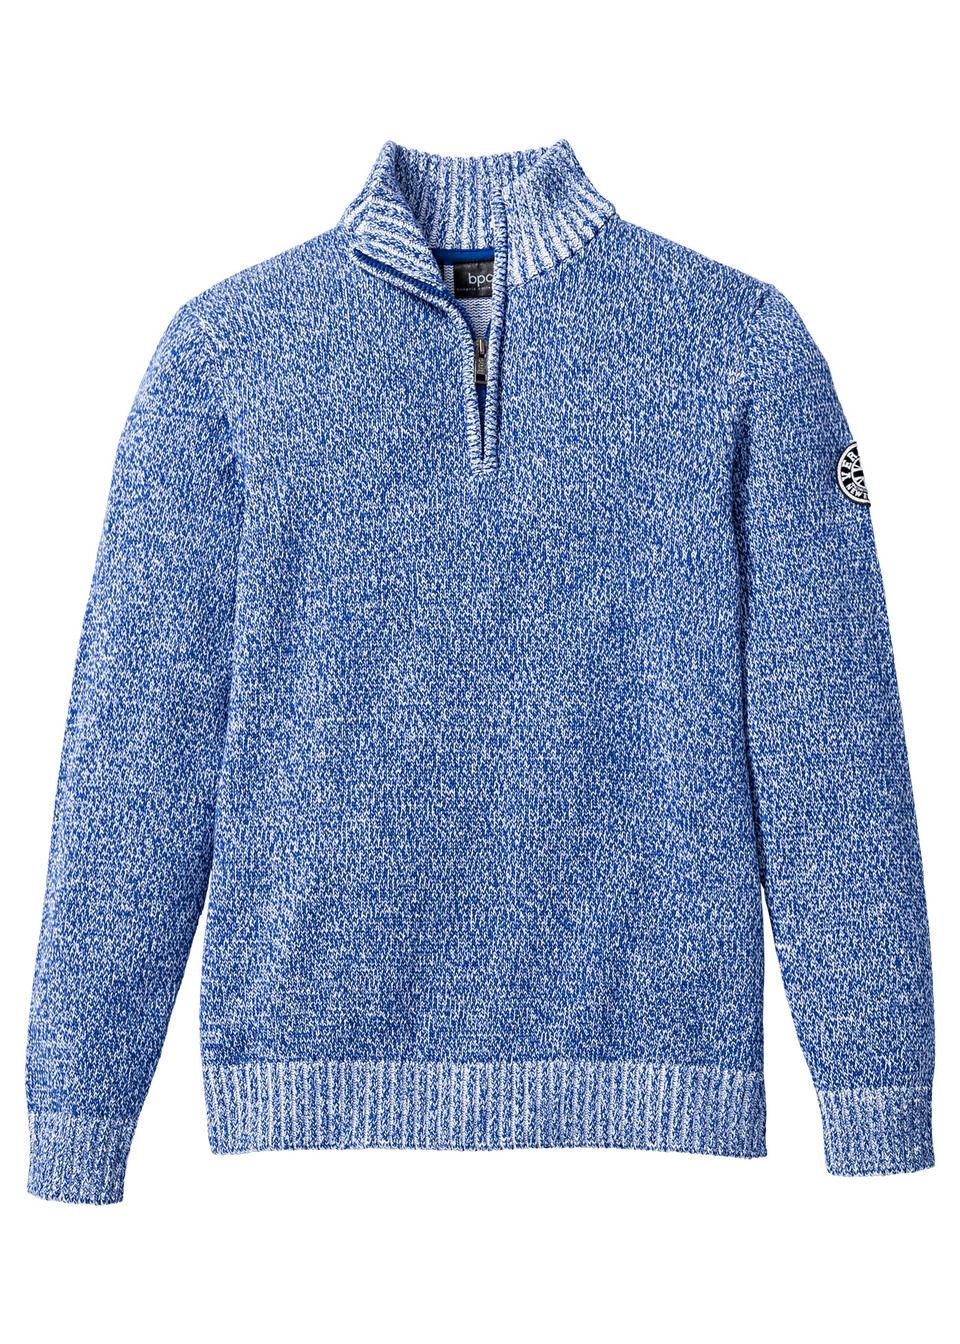 Купить Пуловер с высоким воротом, bonprix, синий-белый меланж